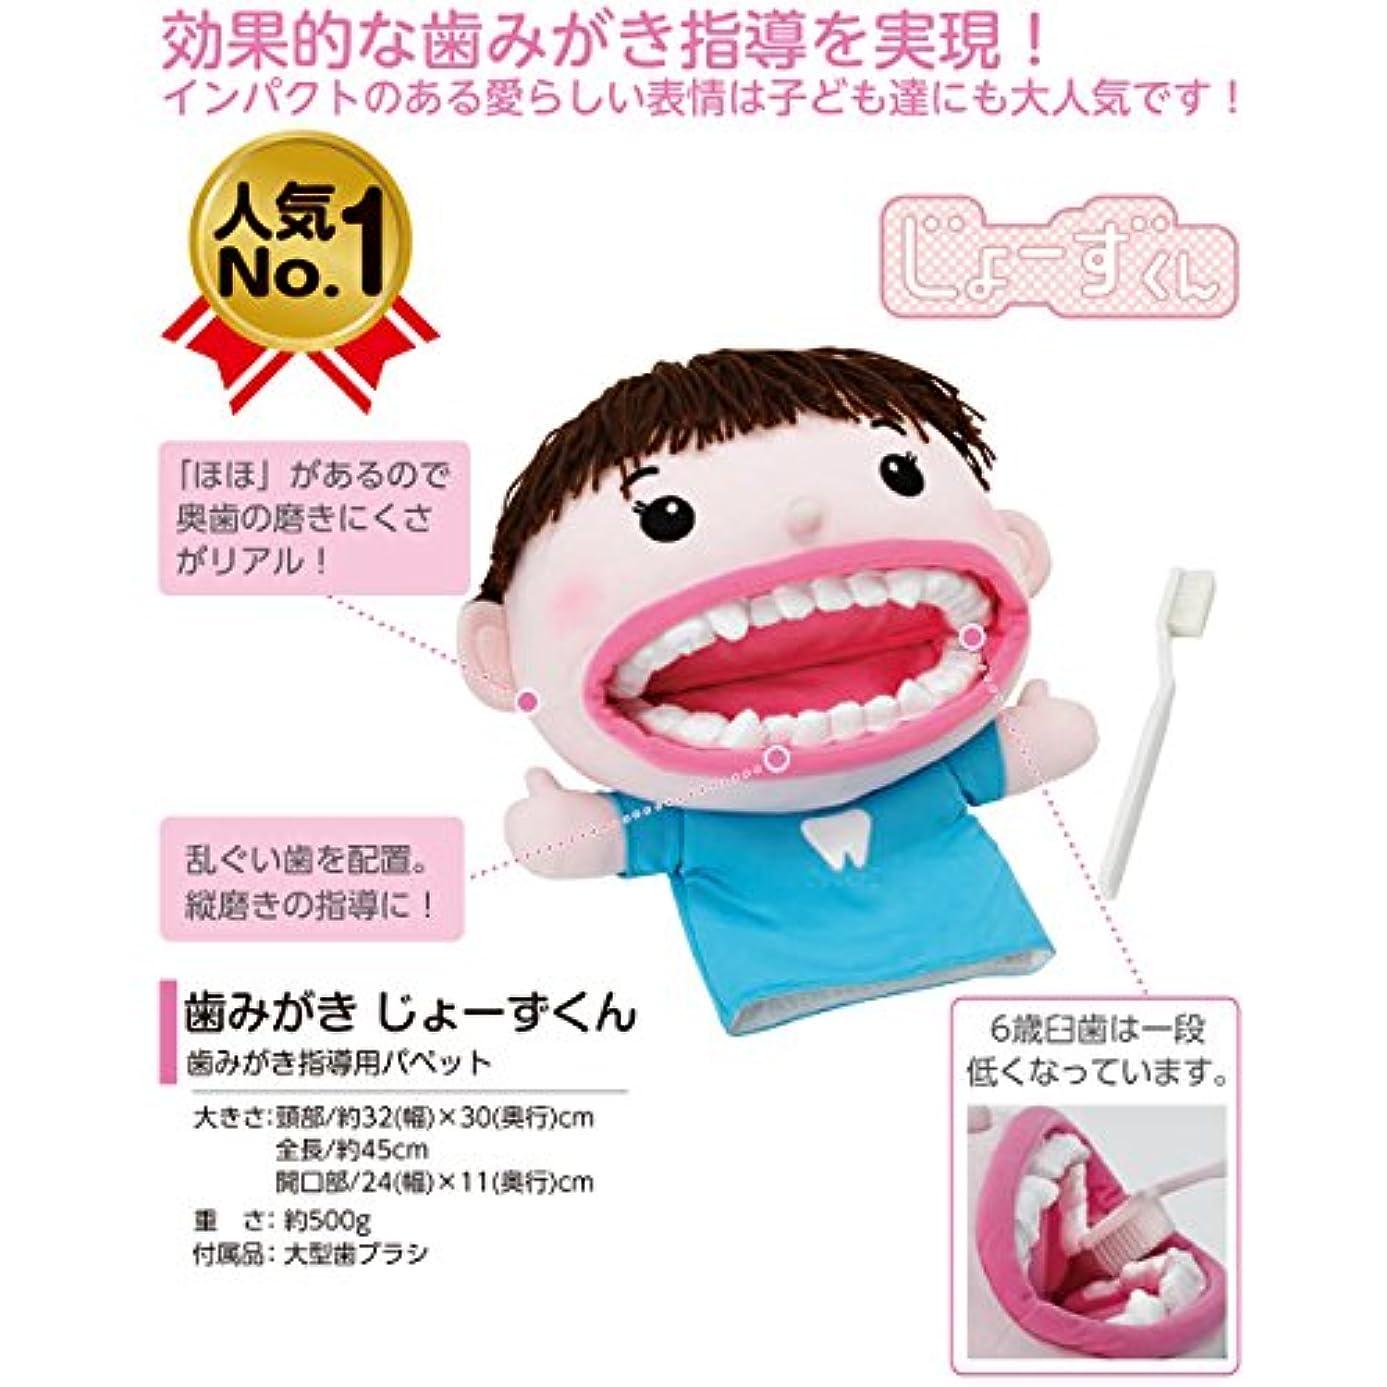 シャーク通り抜ける規模歯みがき じょーずくん 歯磨き 指導用 教育用 パペット 人形 ぬいぐるみ